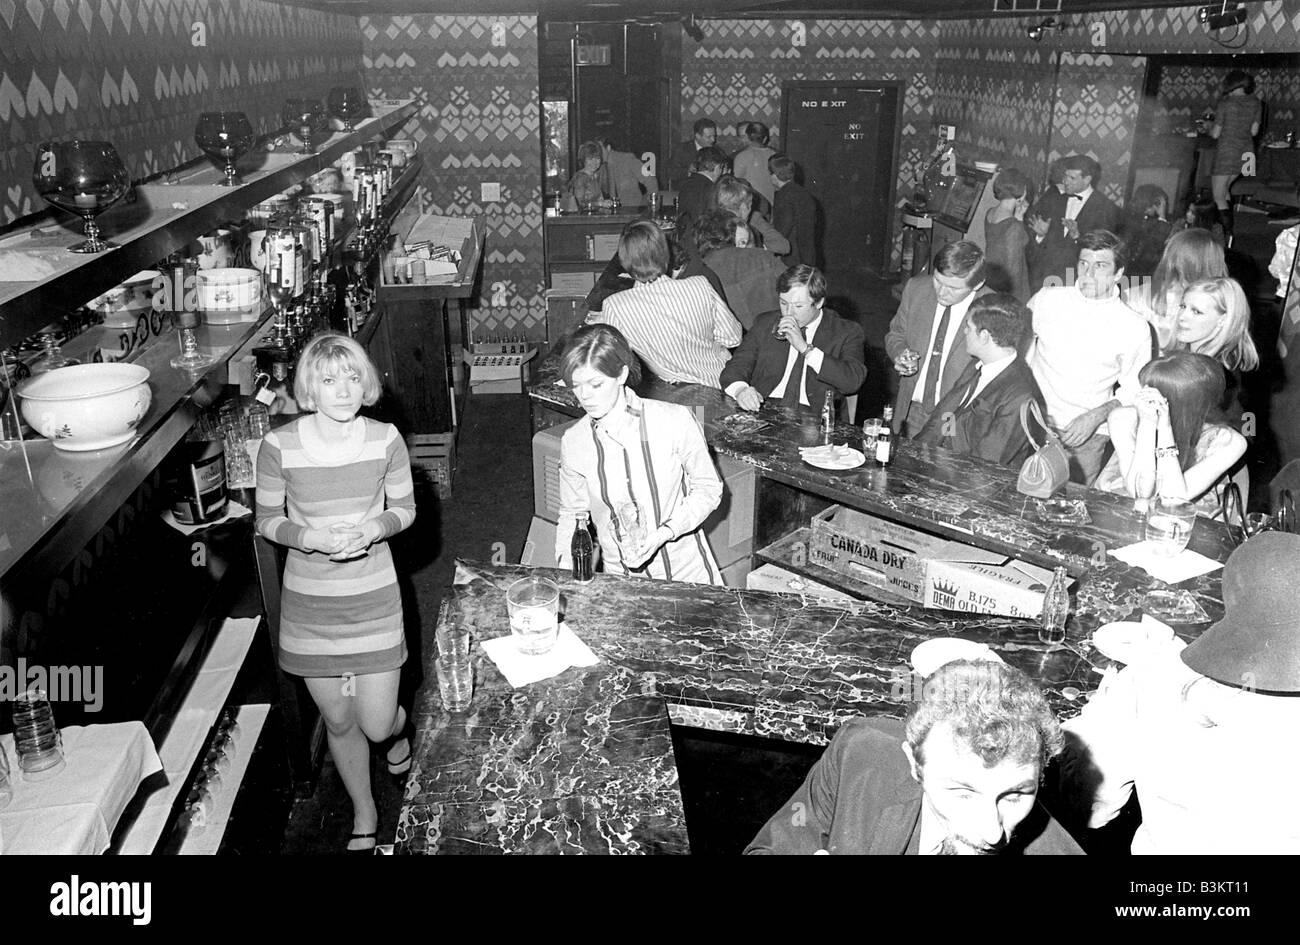 El Bar Clandestino de música pop club orientada en 60s Londres Imagen De Stock